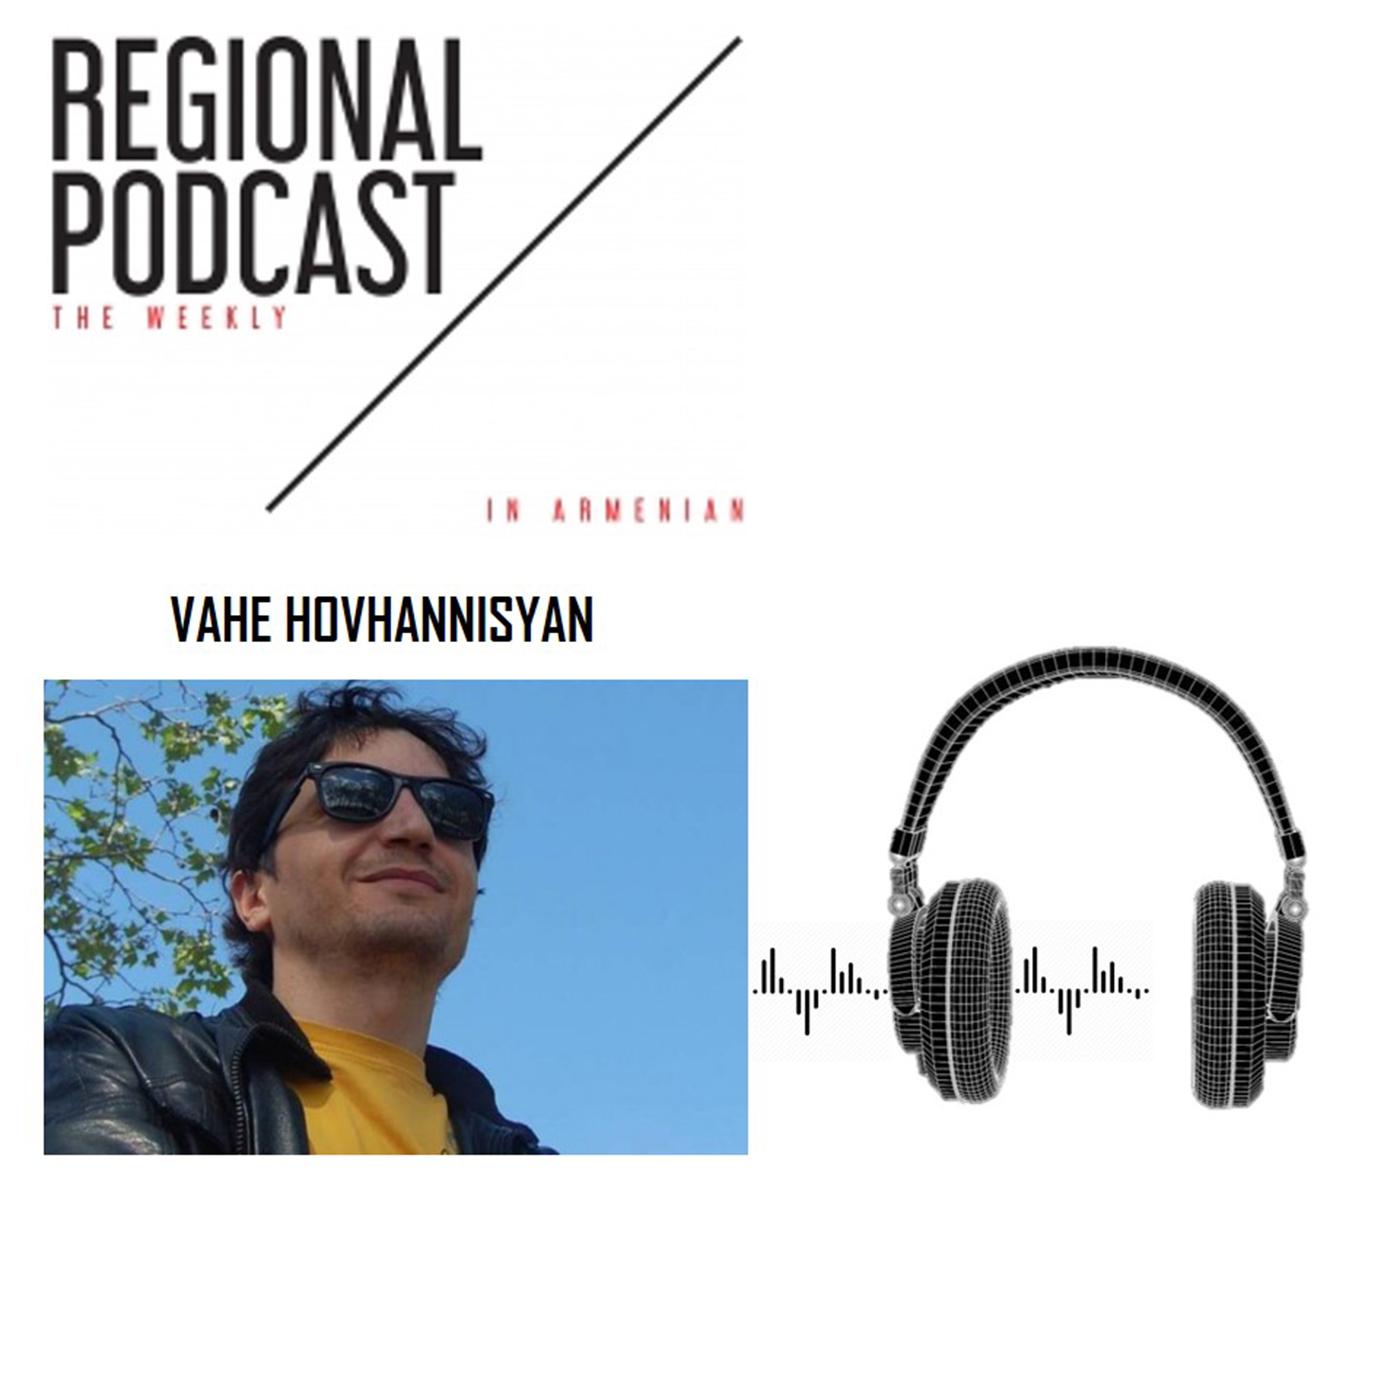 [հայերեն] Regional Podcast - The Weekly / Vahe Hovhannisyan